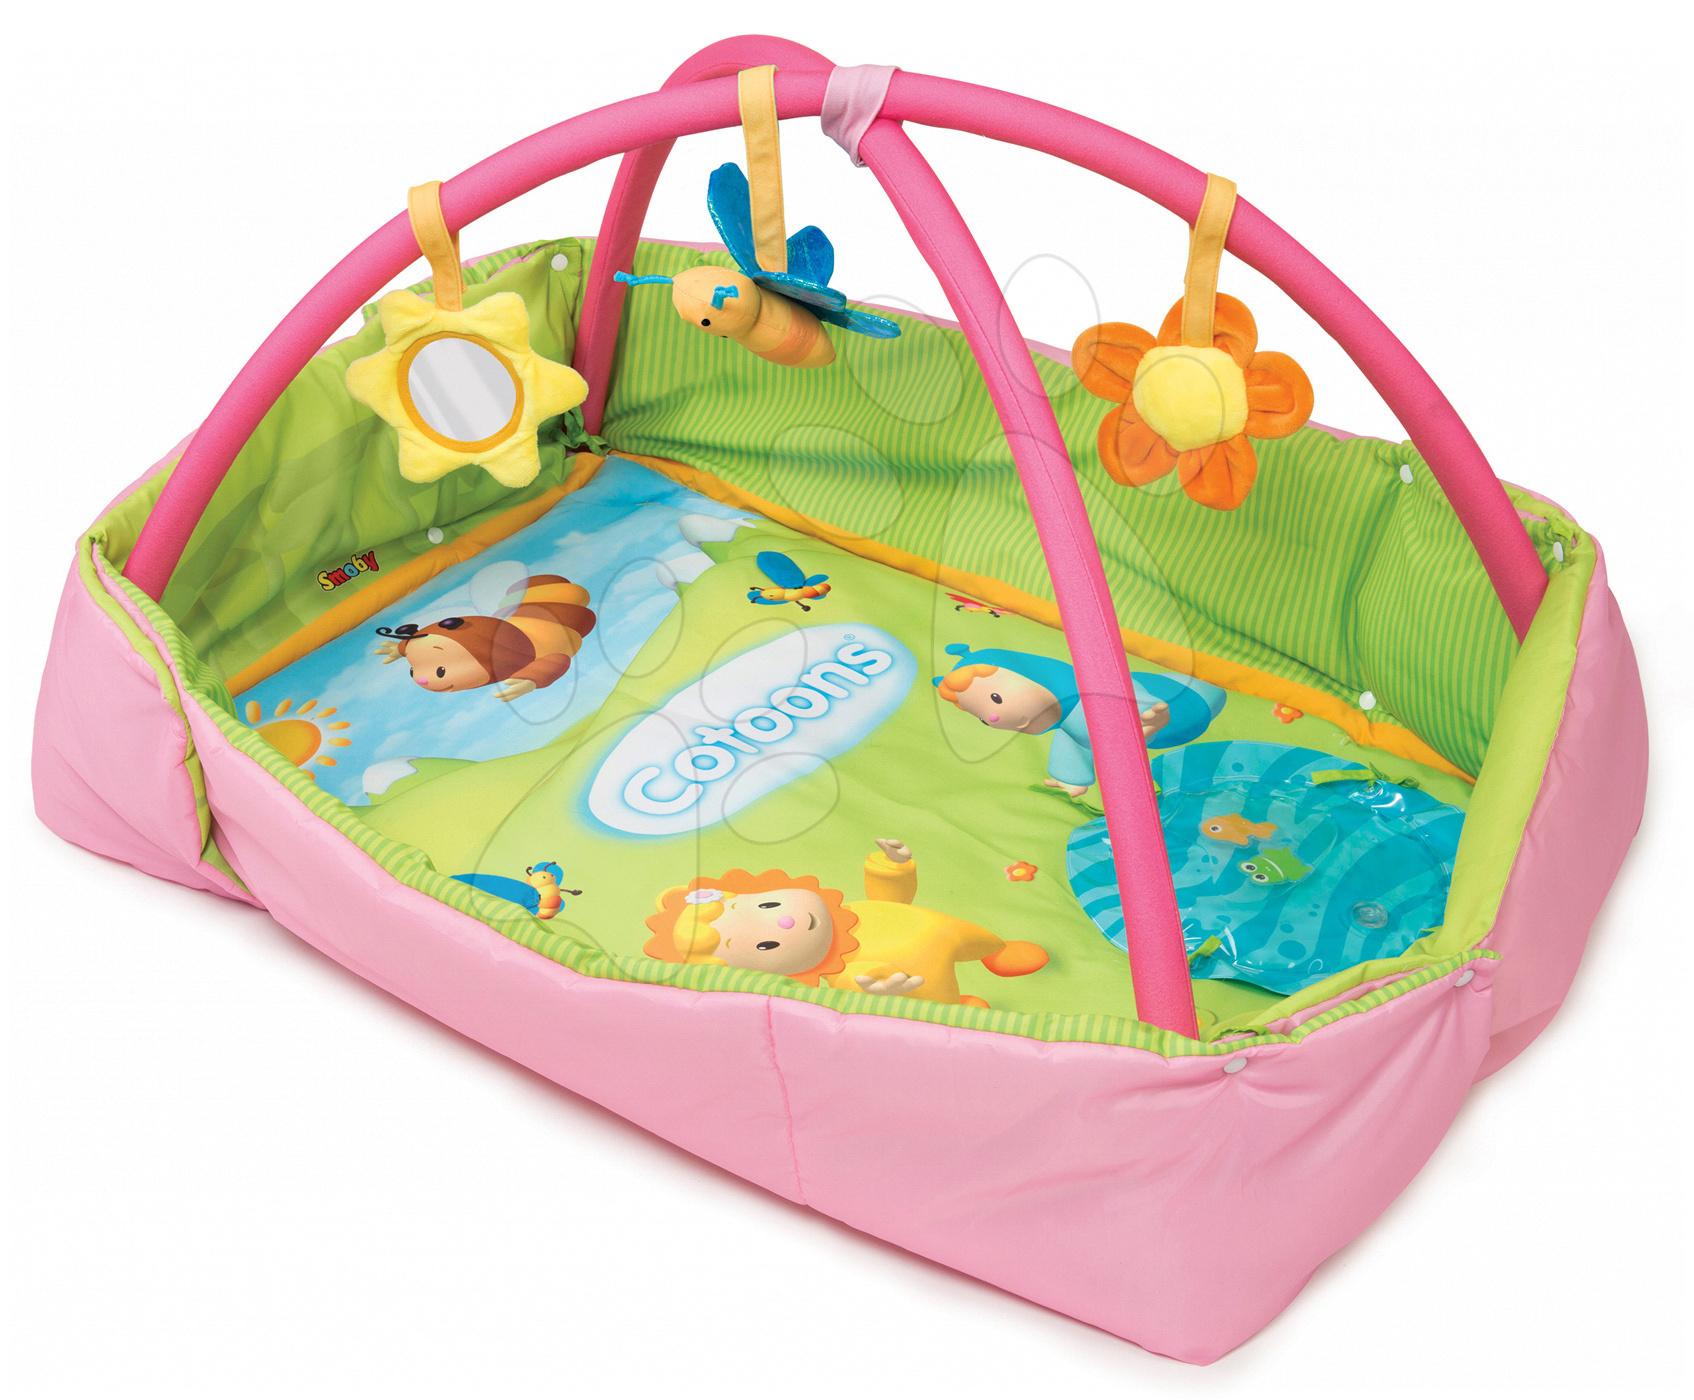 Hrací deka s hrazdou Cotoons Discovery Smoby s hnízdem, chrastítky a rybníkem pro nejmenší růžová